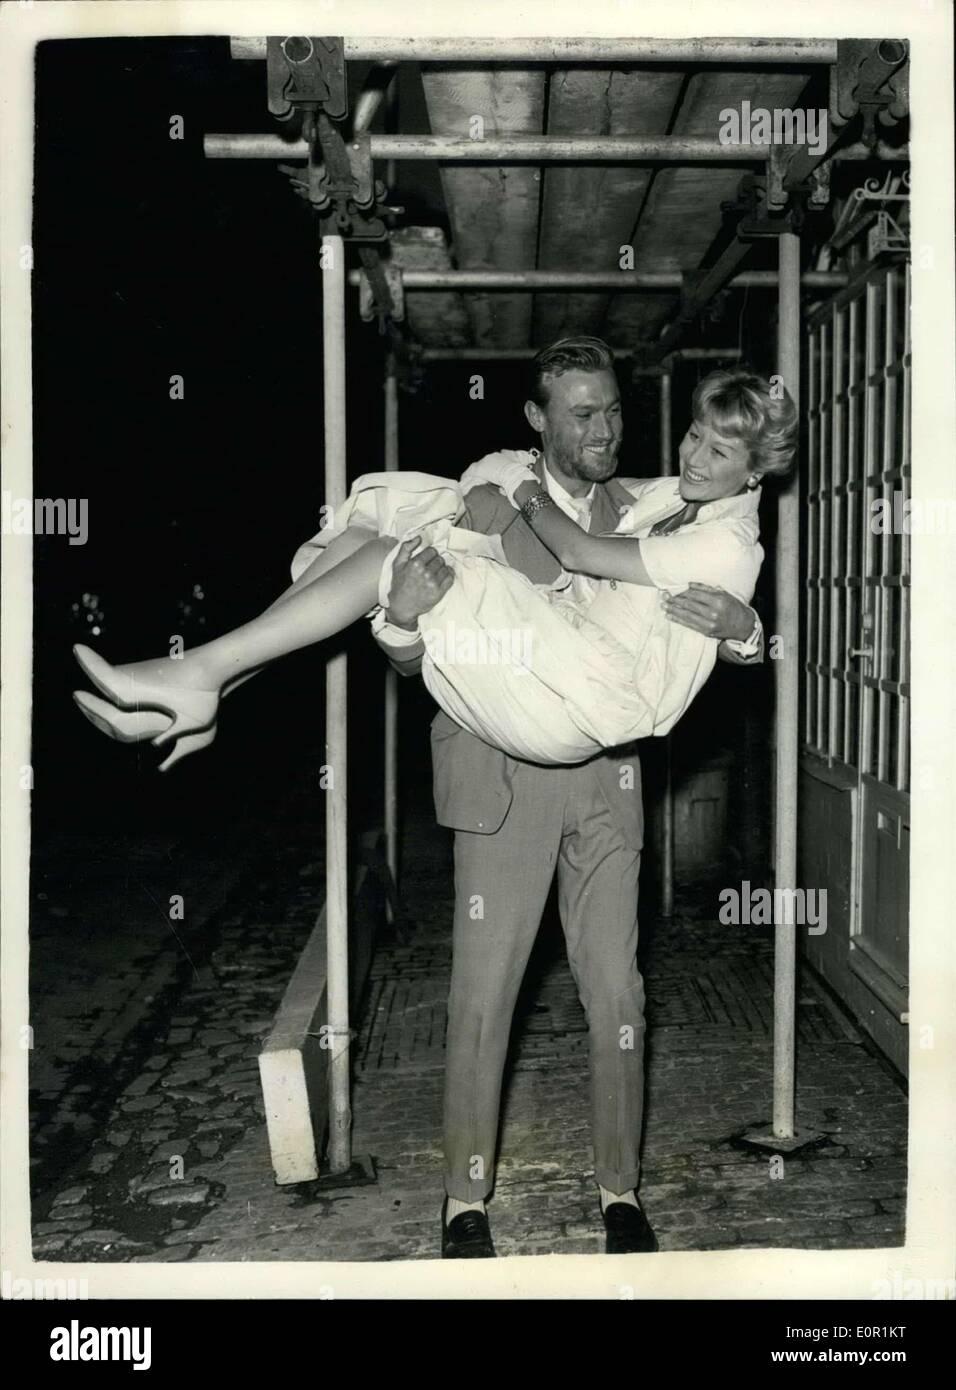 El 31 de agosto, 1957 - Laurence Harvey llega a casa con su esposa ...